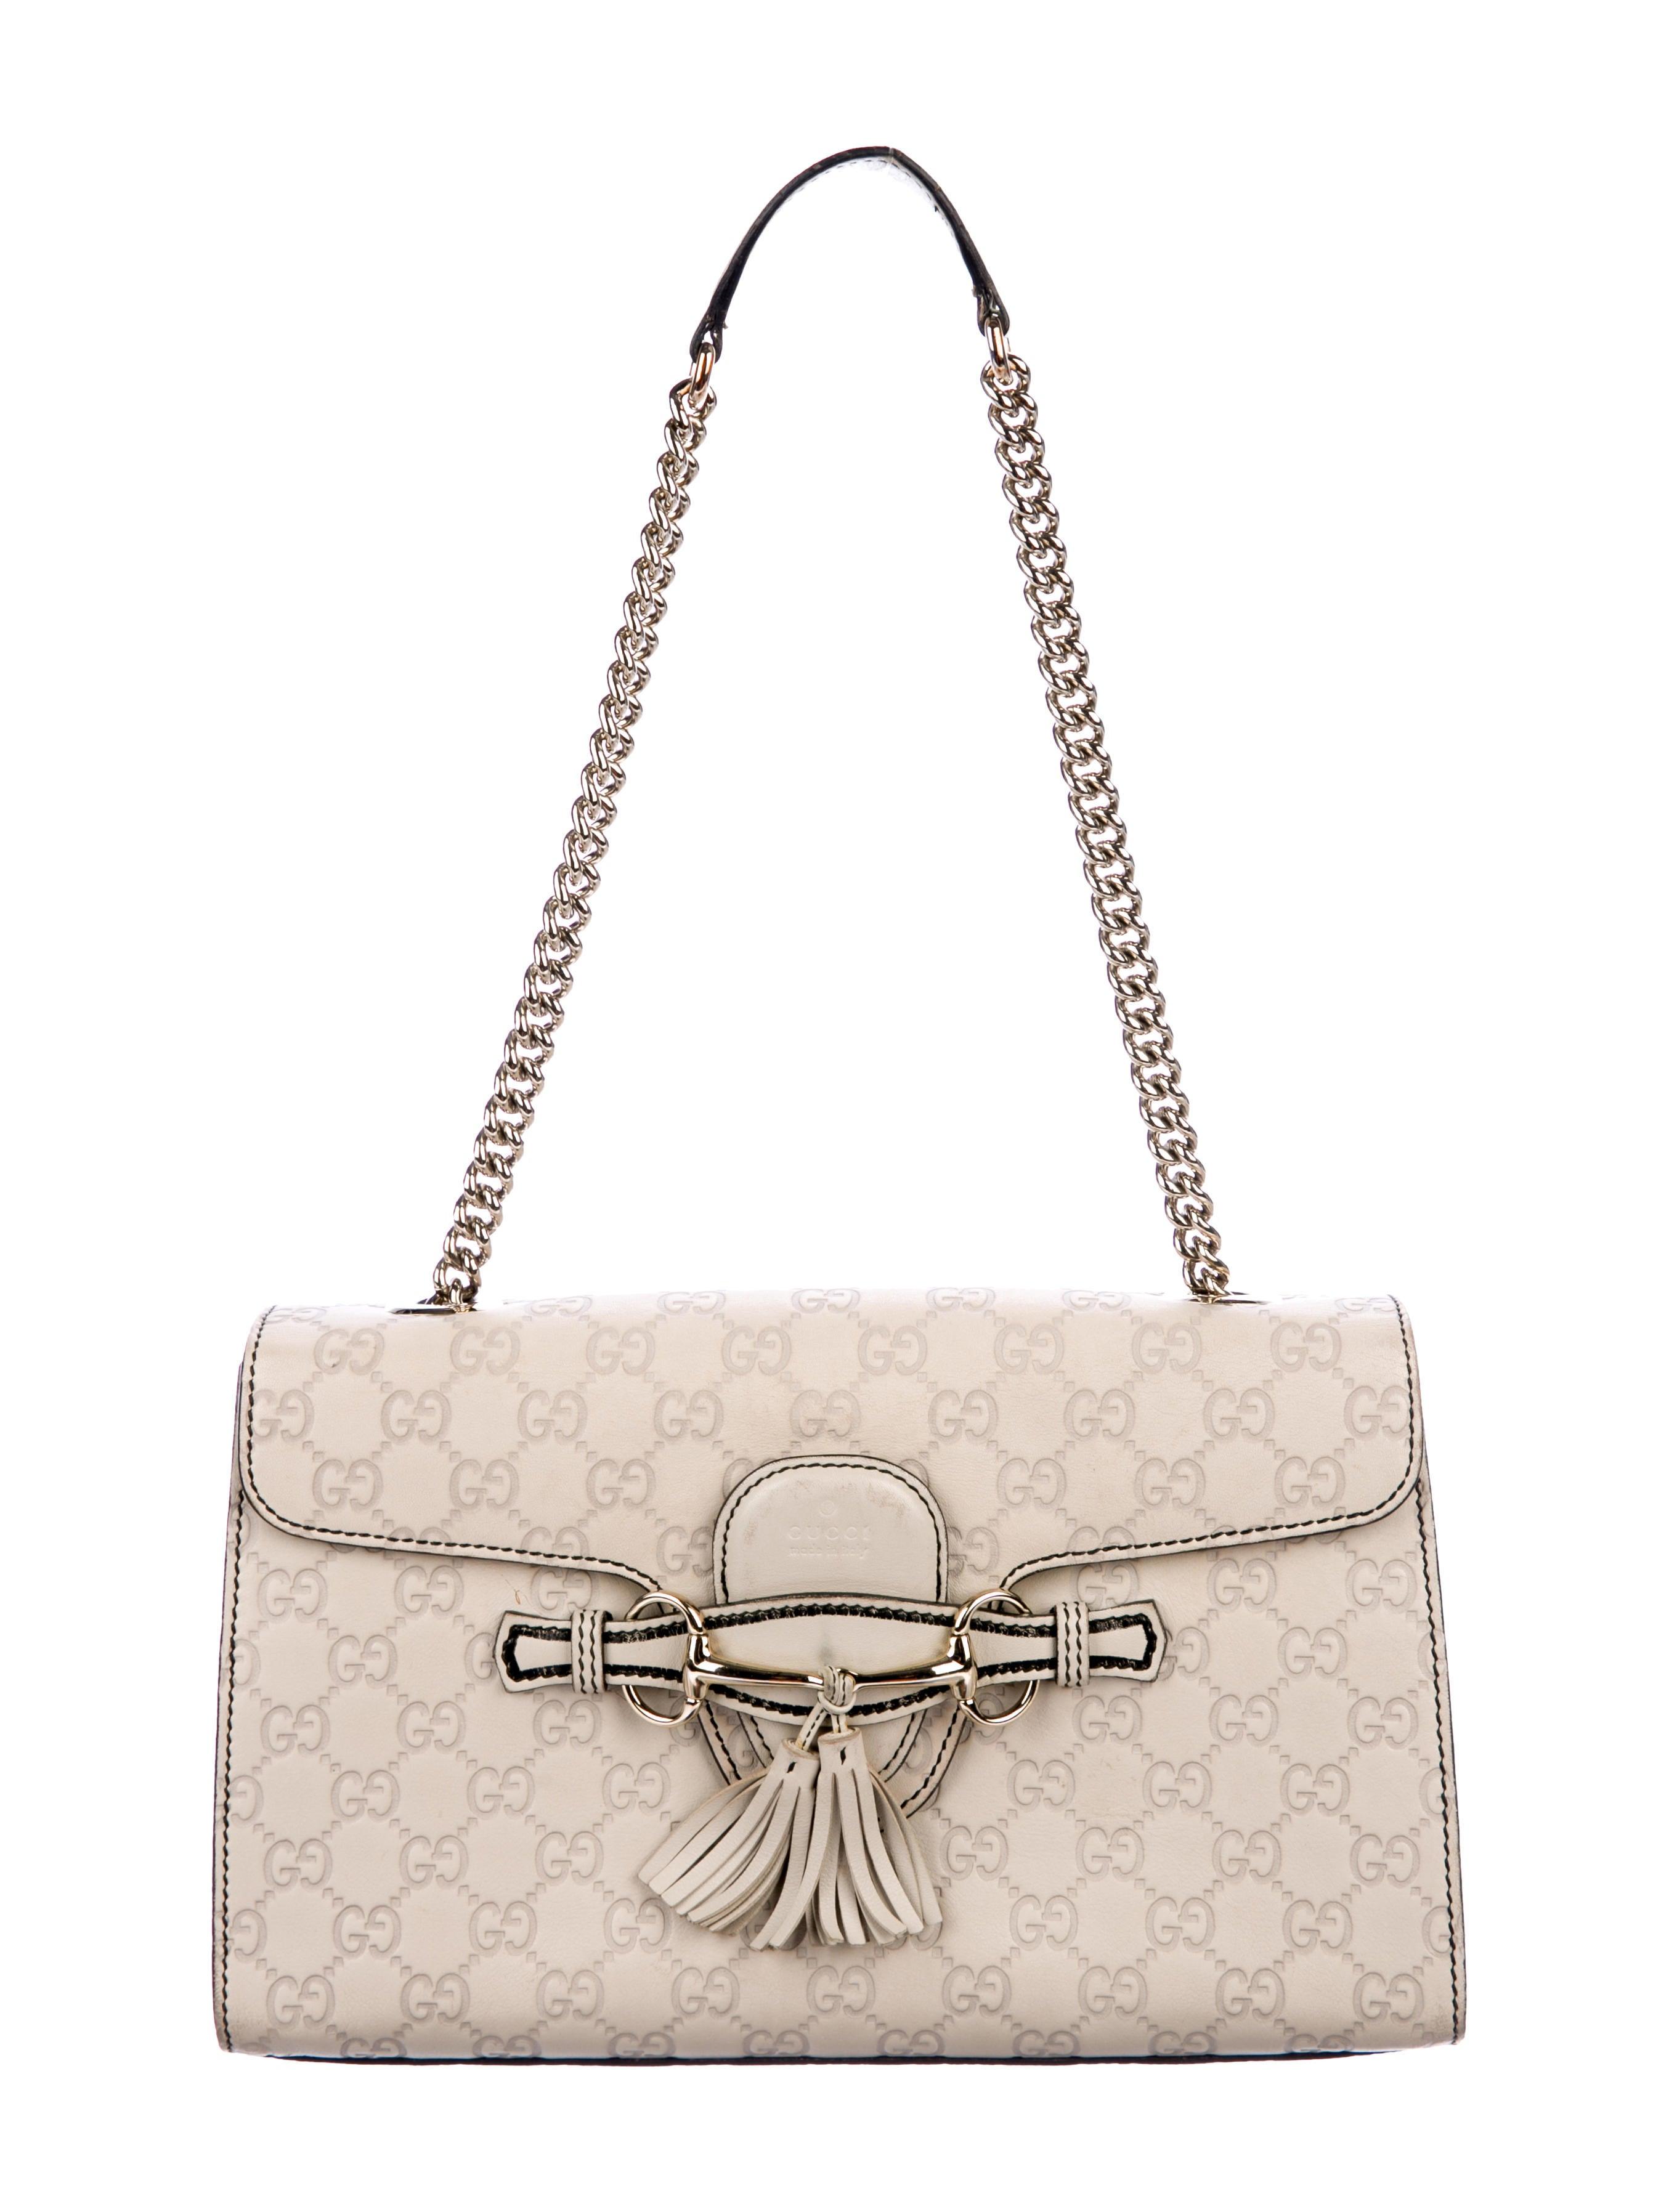 836af381541 Gucci Guccissima Medium Emily Bag - Handbags - GUC233991